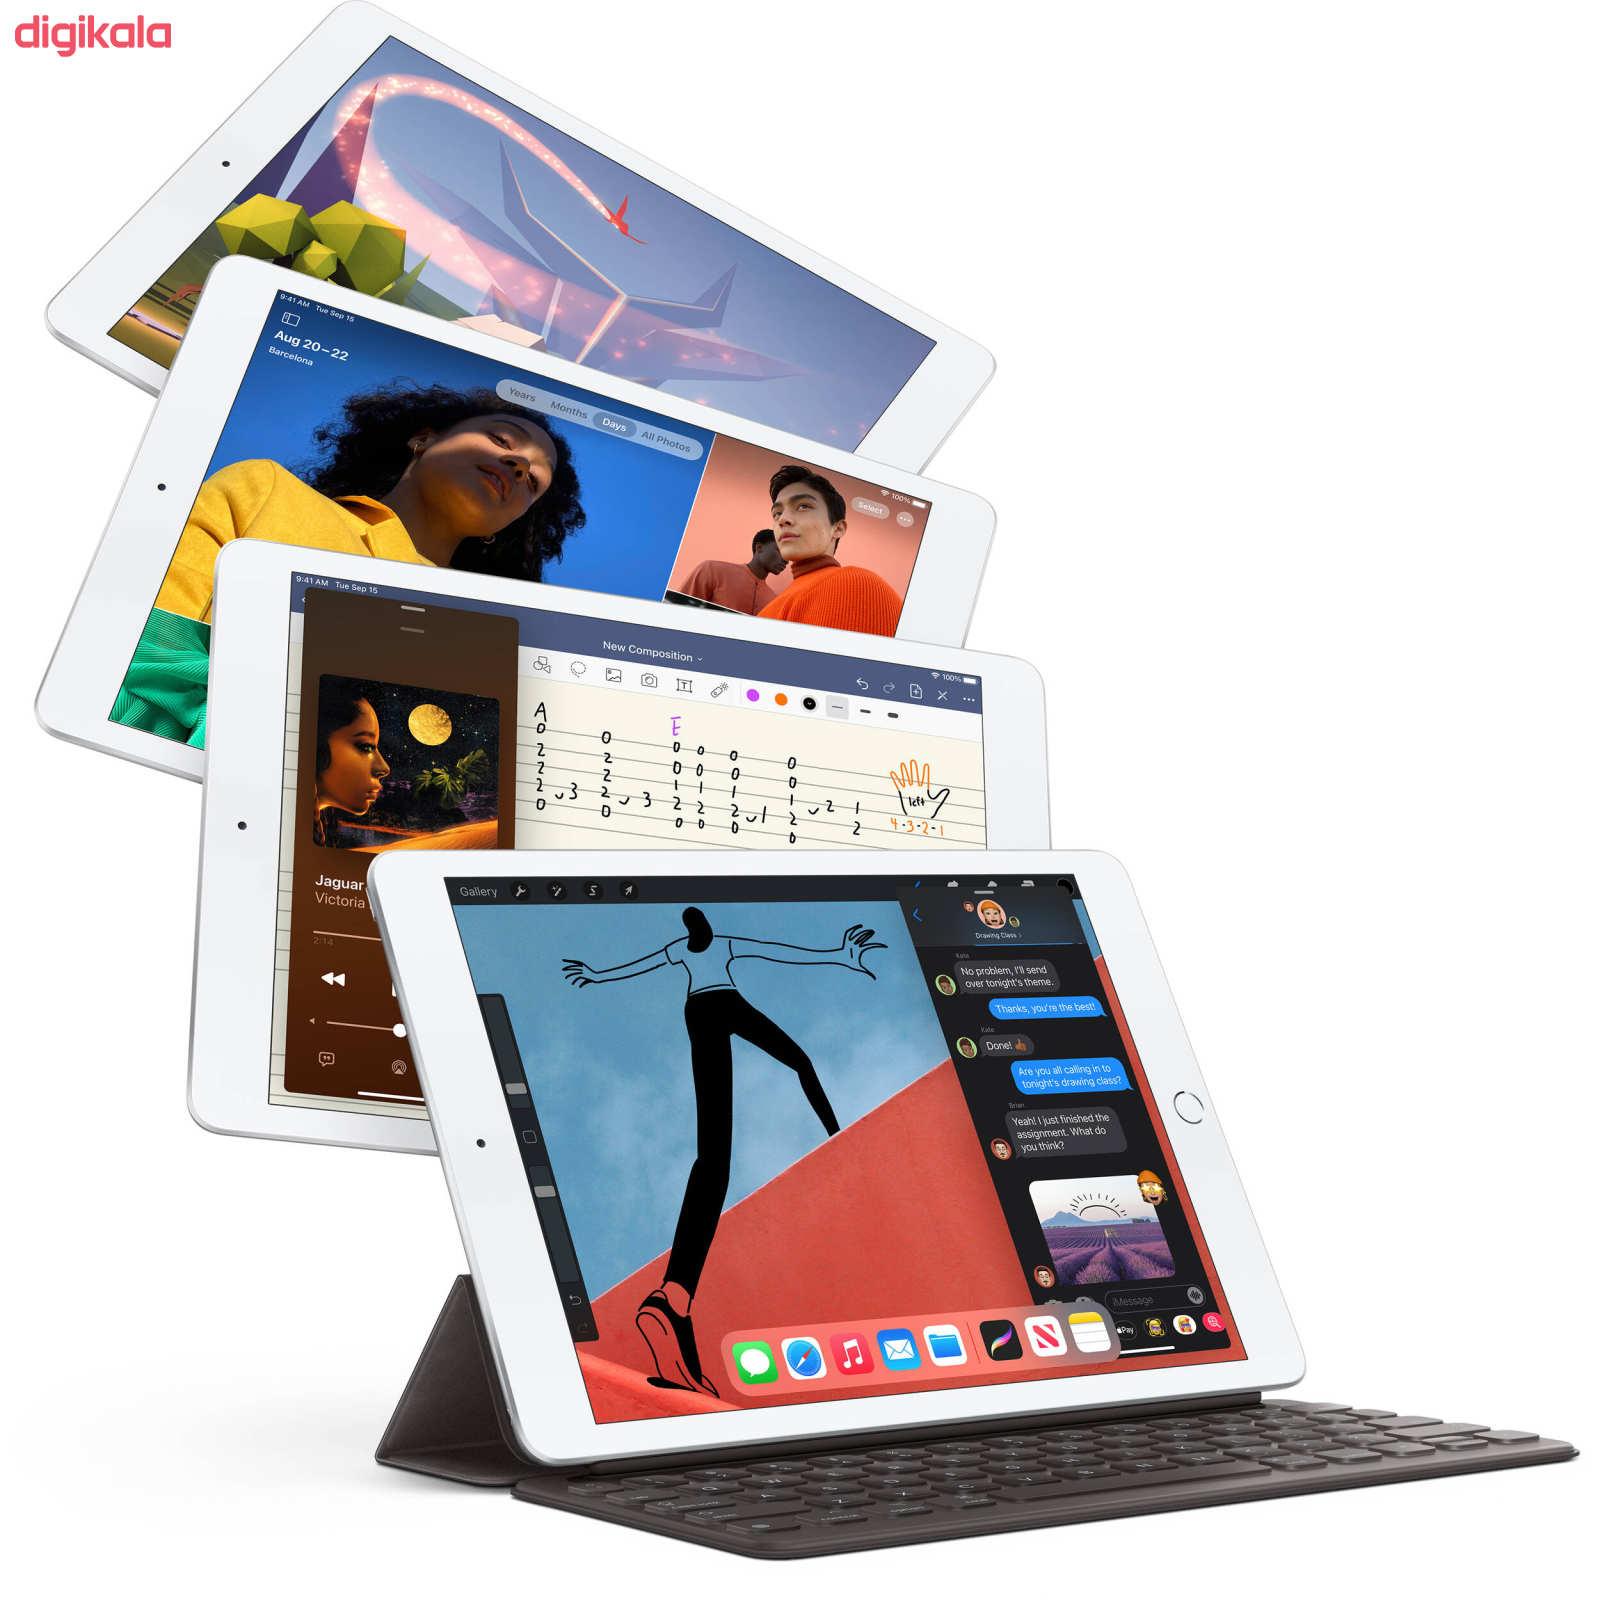 تبلت اپل مدل iPad 10.2 inch 2020 4G/LTE ظرفیت 128 گیگابایت  main 1 9